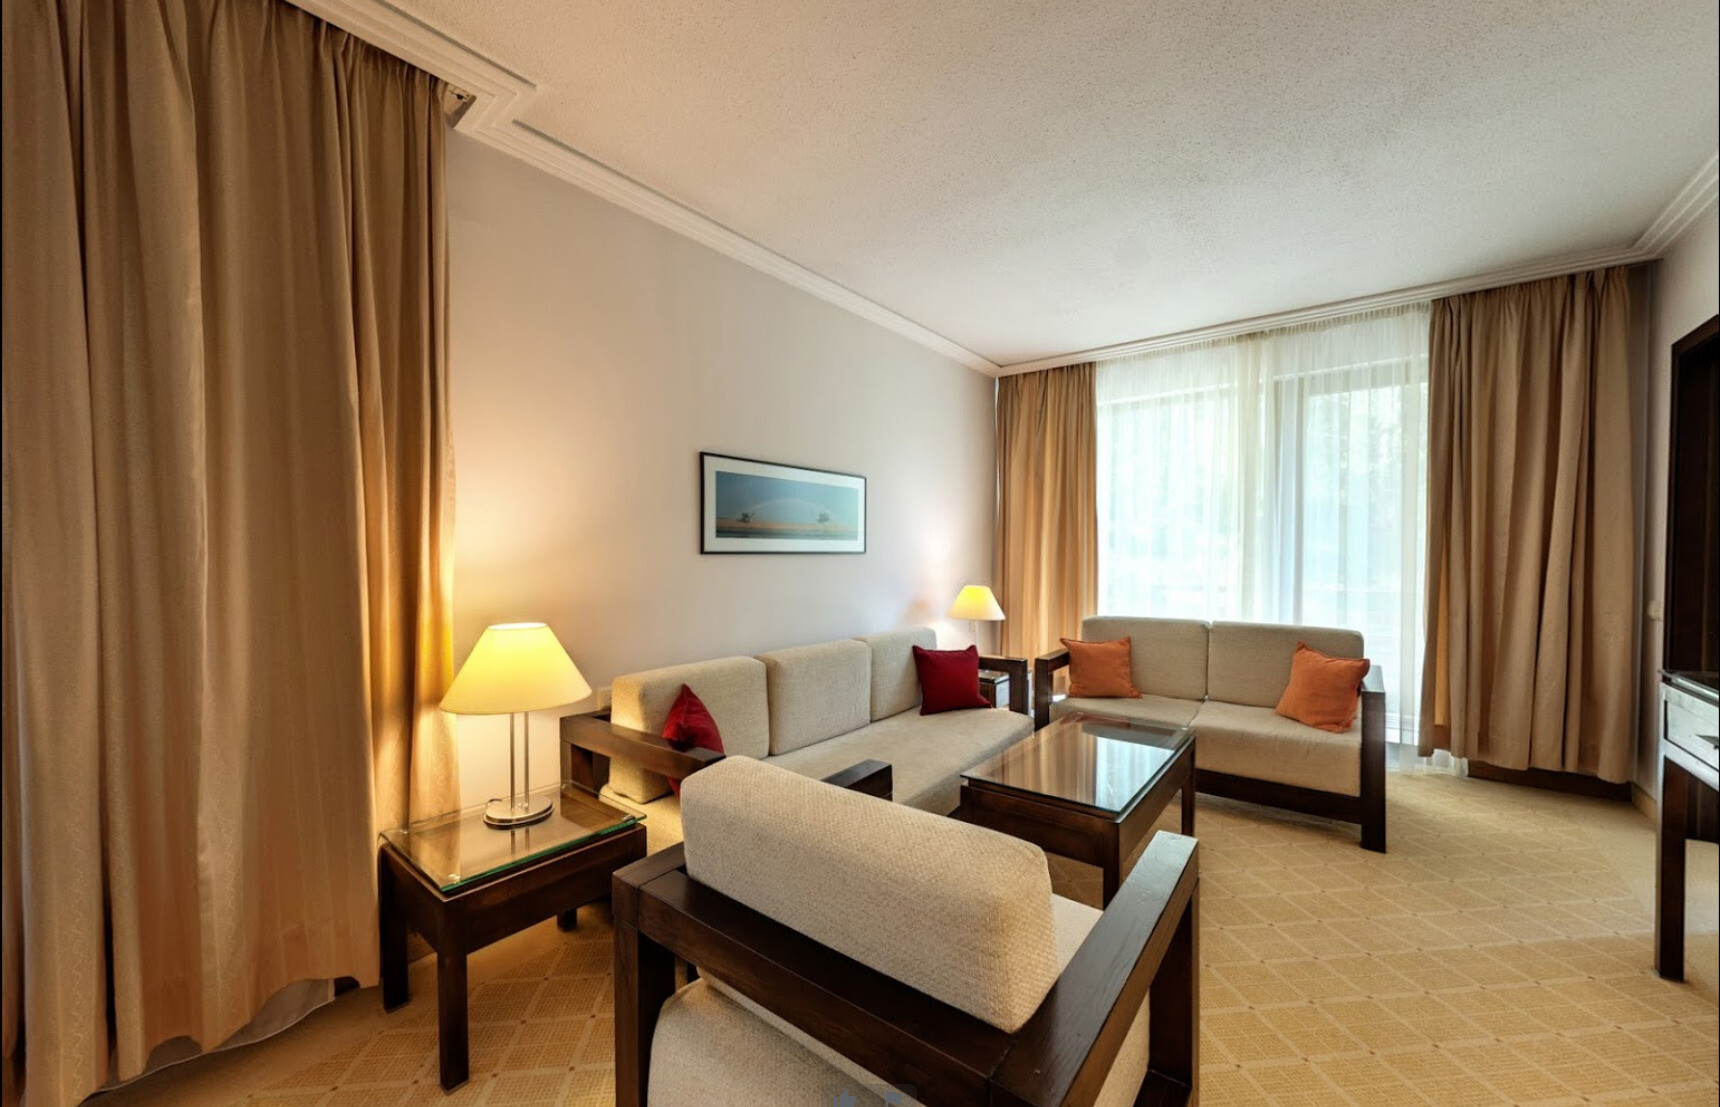 Спа Хотел Велина 4* - апартамент